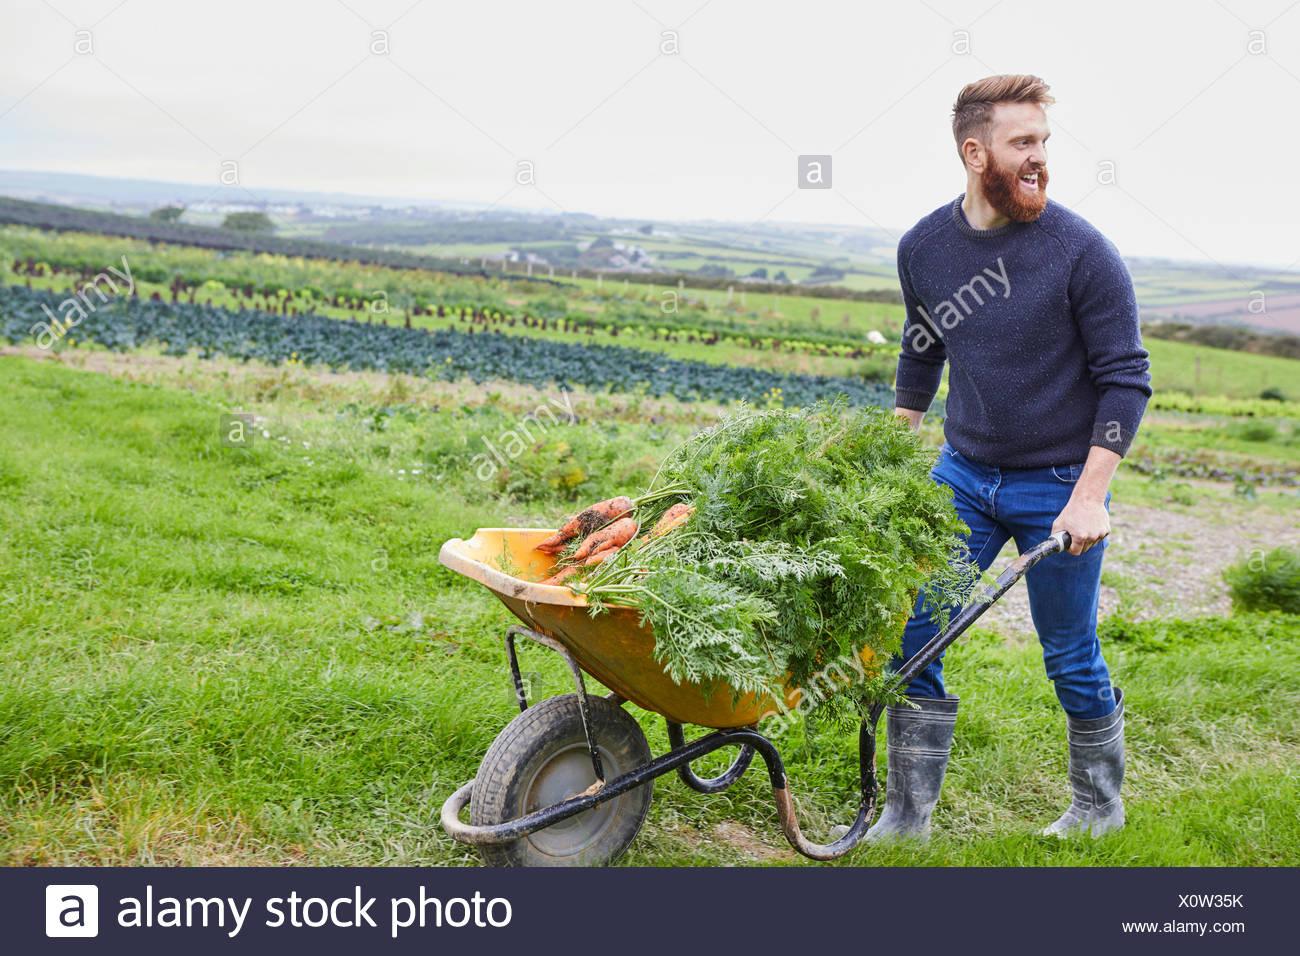 Man on farm pushing wheelbarrow of carrots - Stock Image